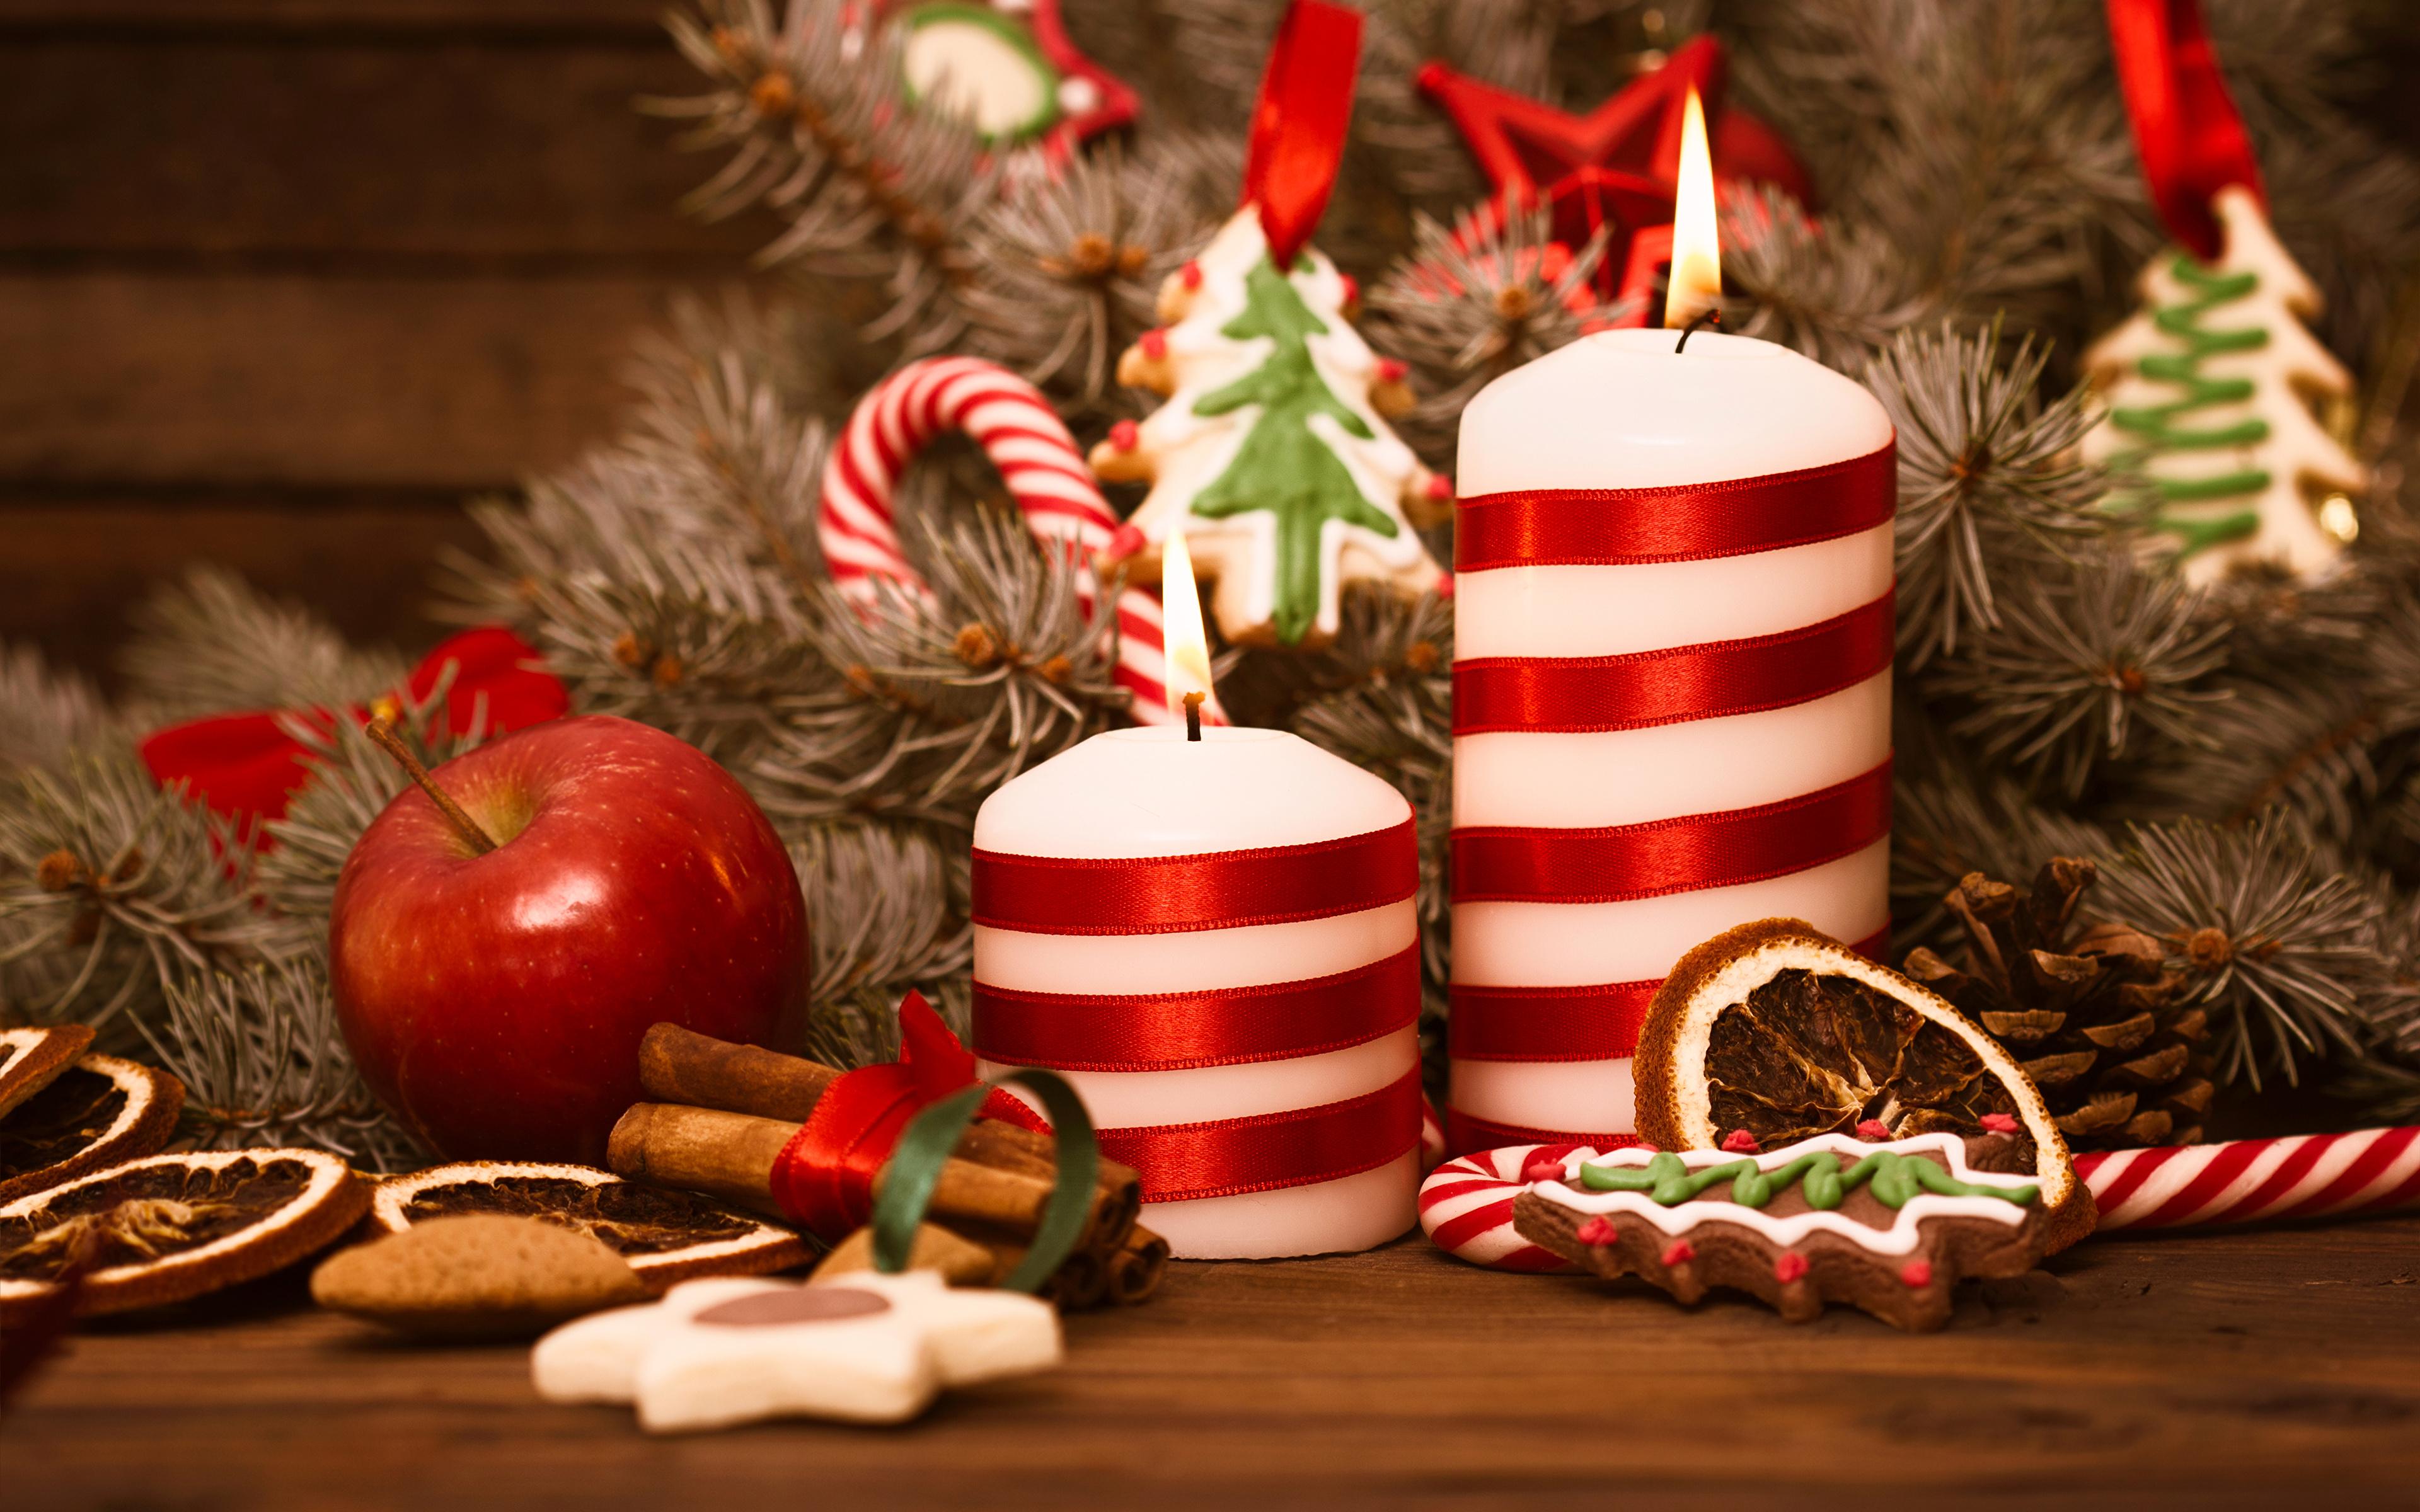 Картинка рождество и новый год